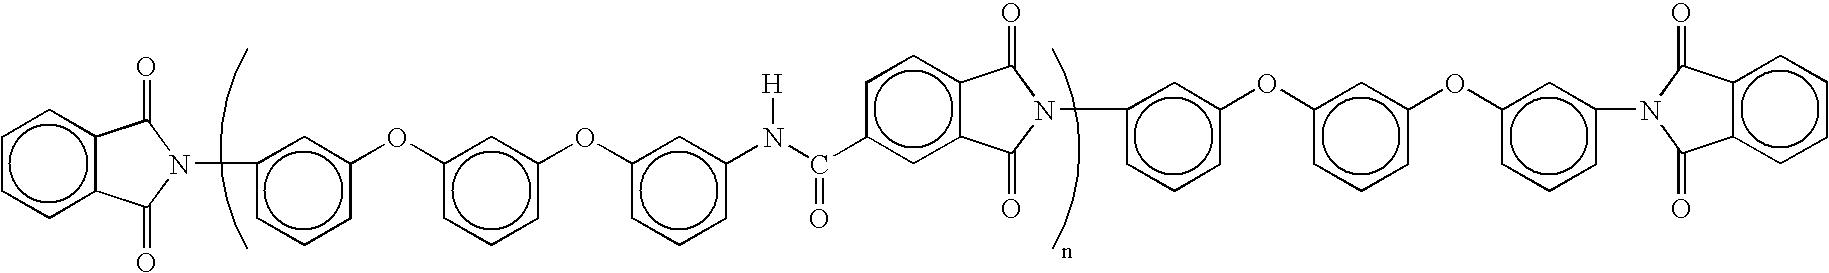 Figure US20090038750A1-20090212-C00019